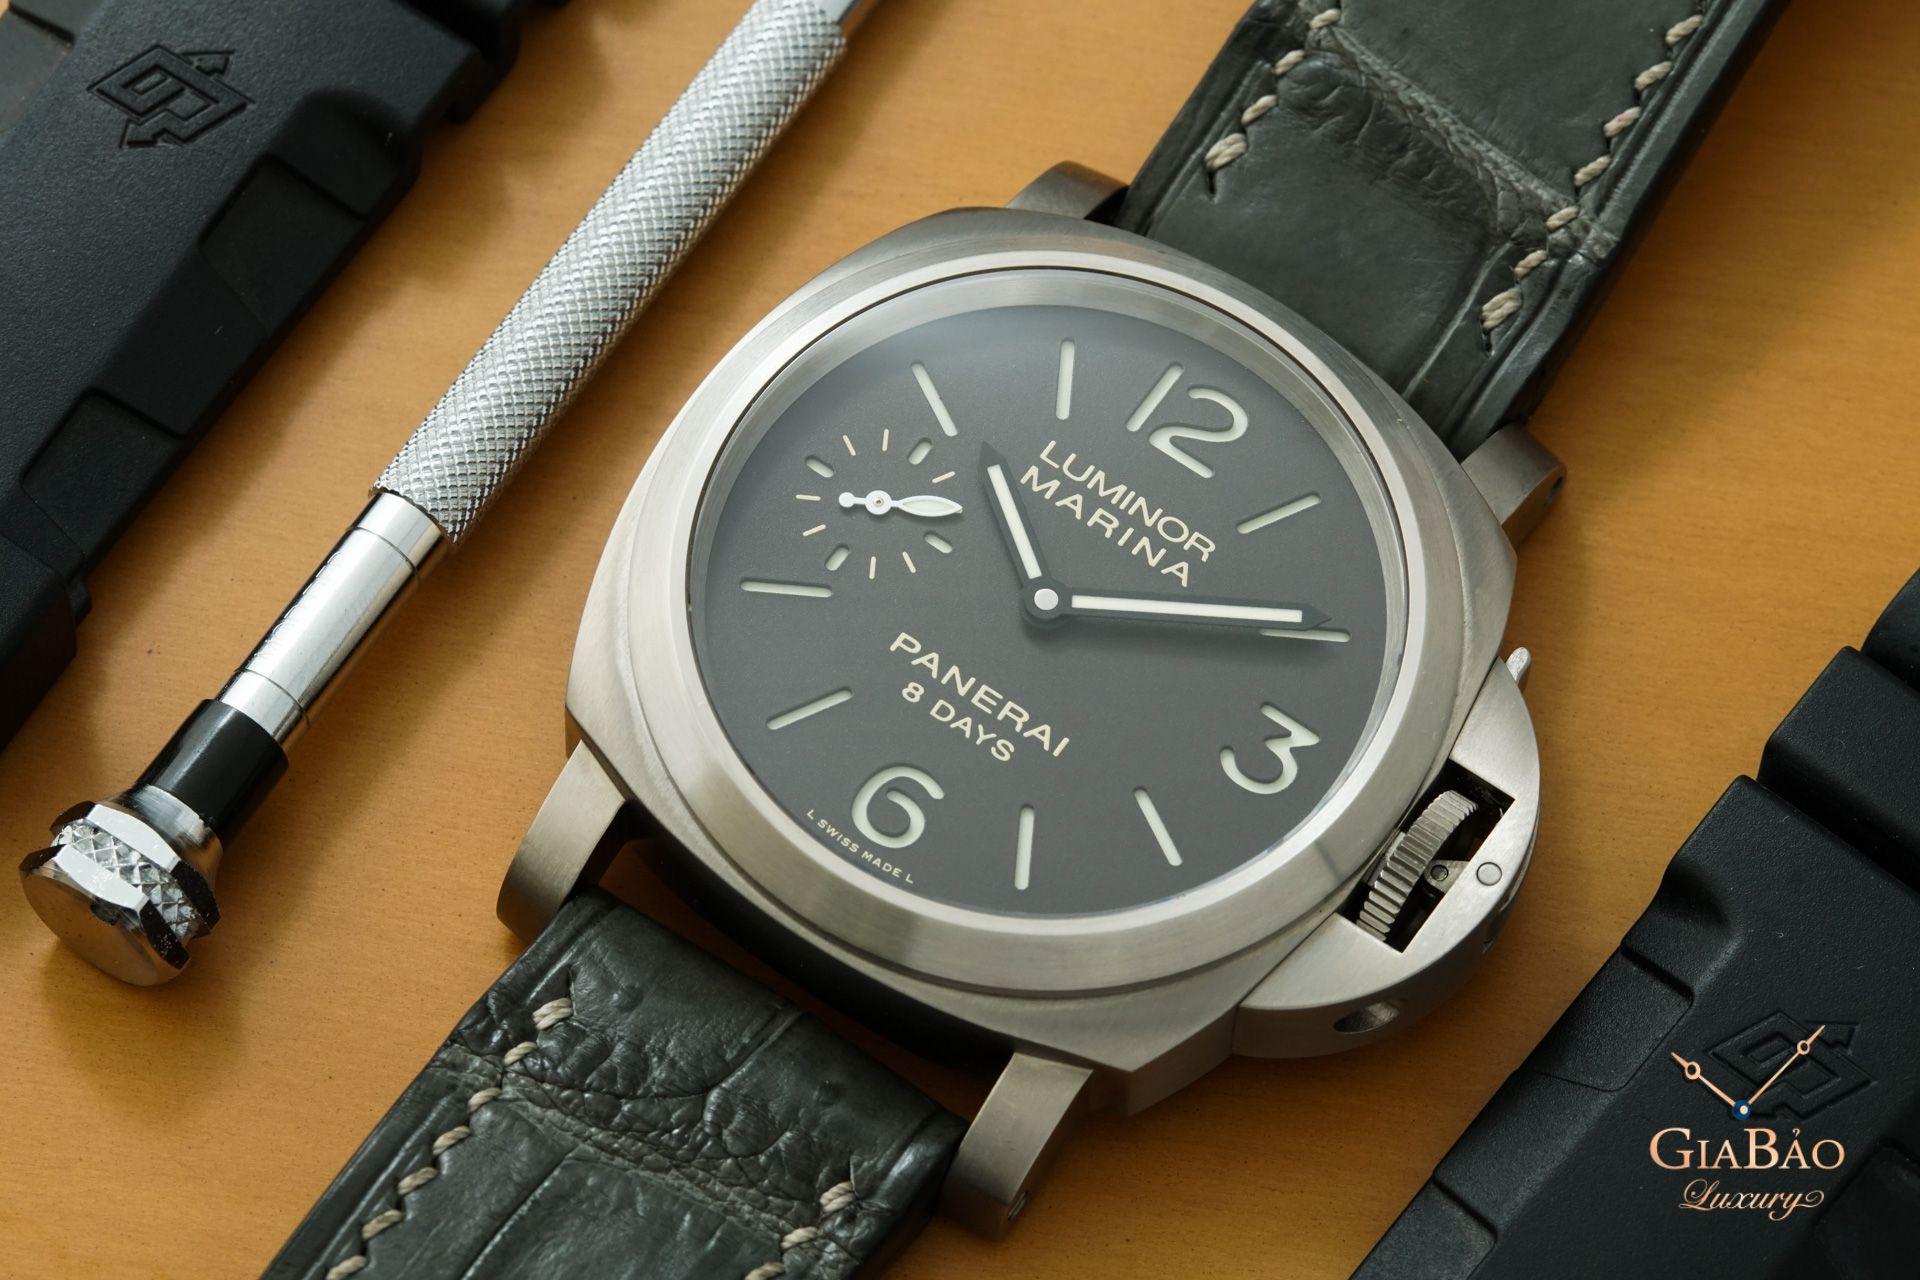 Gia Bảo Luxury cung cấp dịch vụ thu mua đồng hồ Panerai chính hãng số 1 Việt Nam